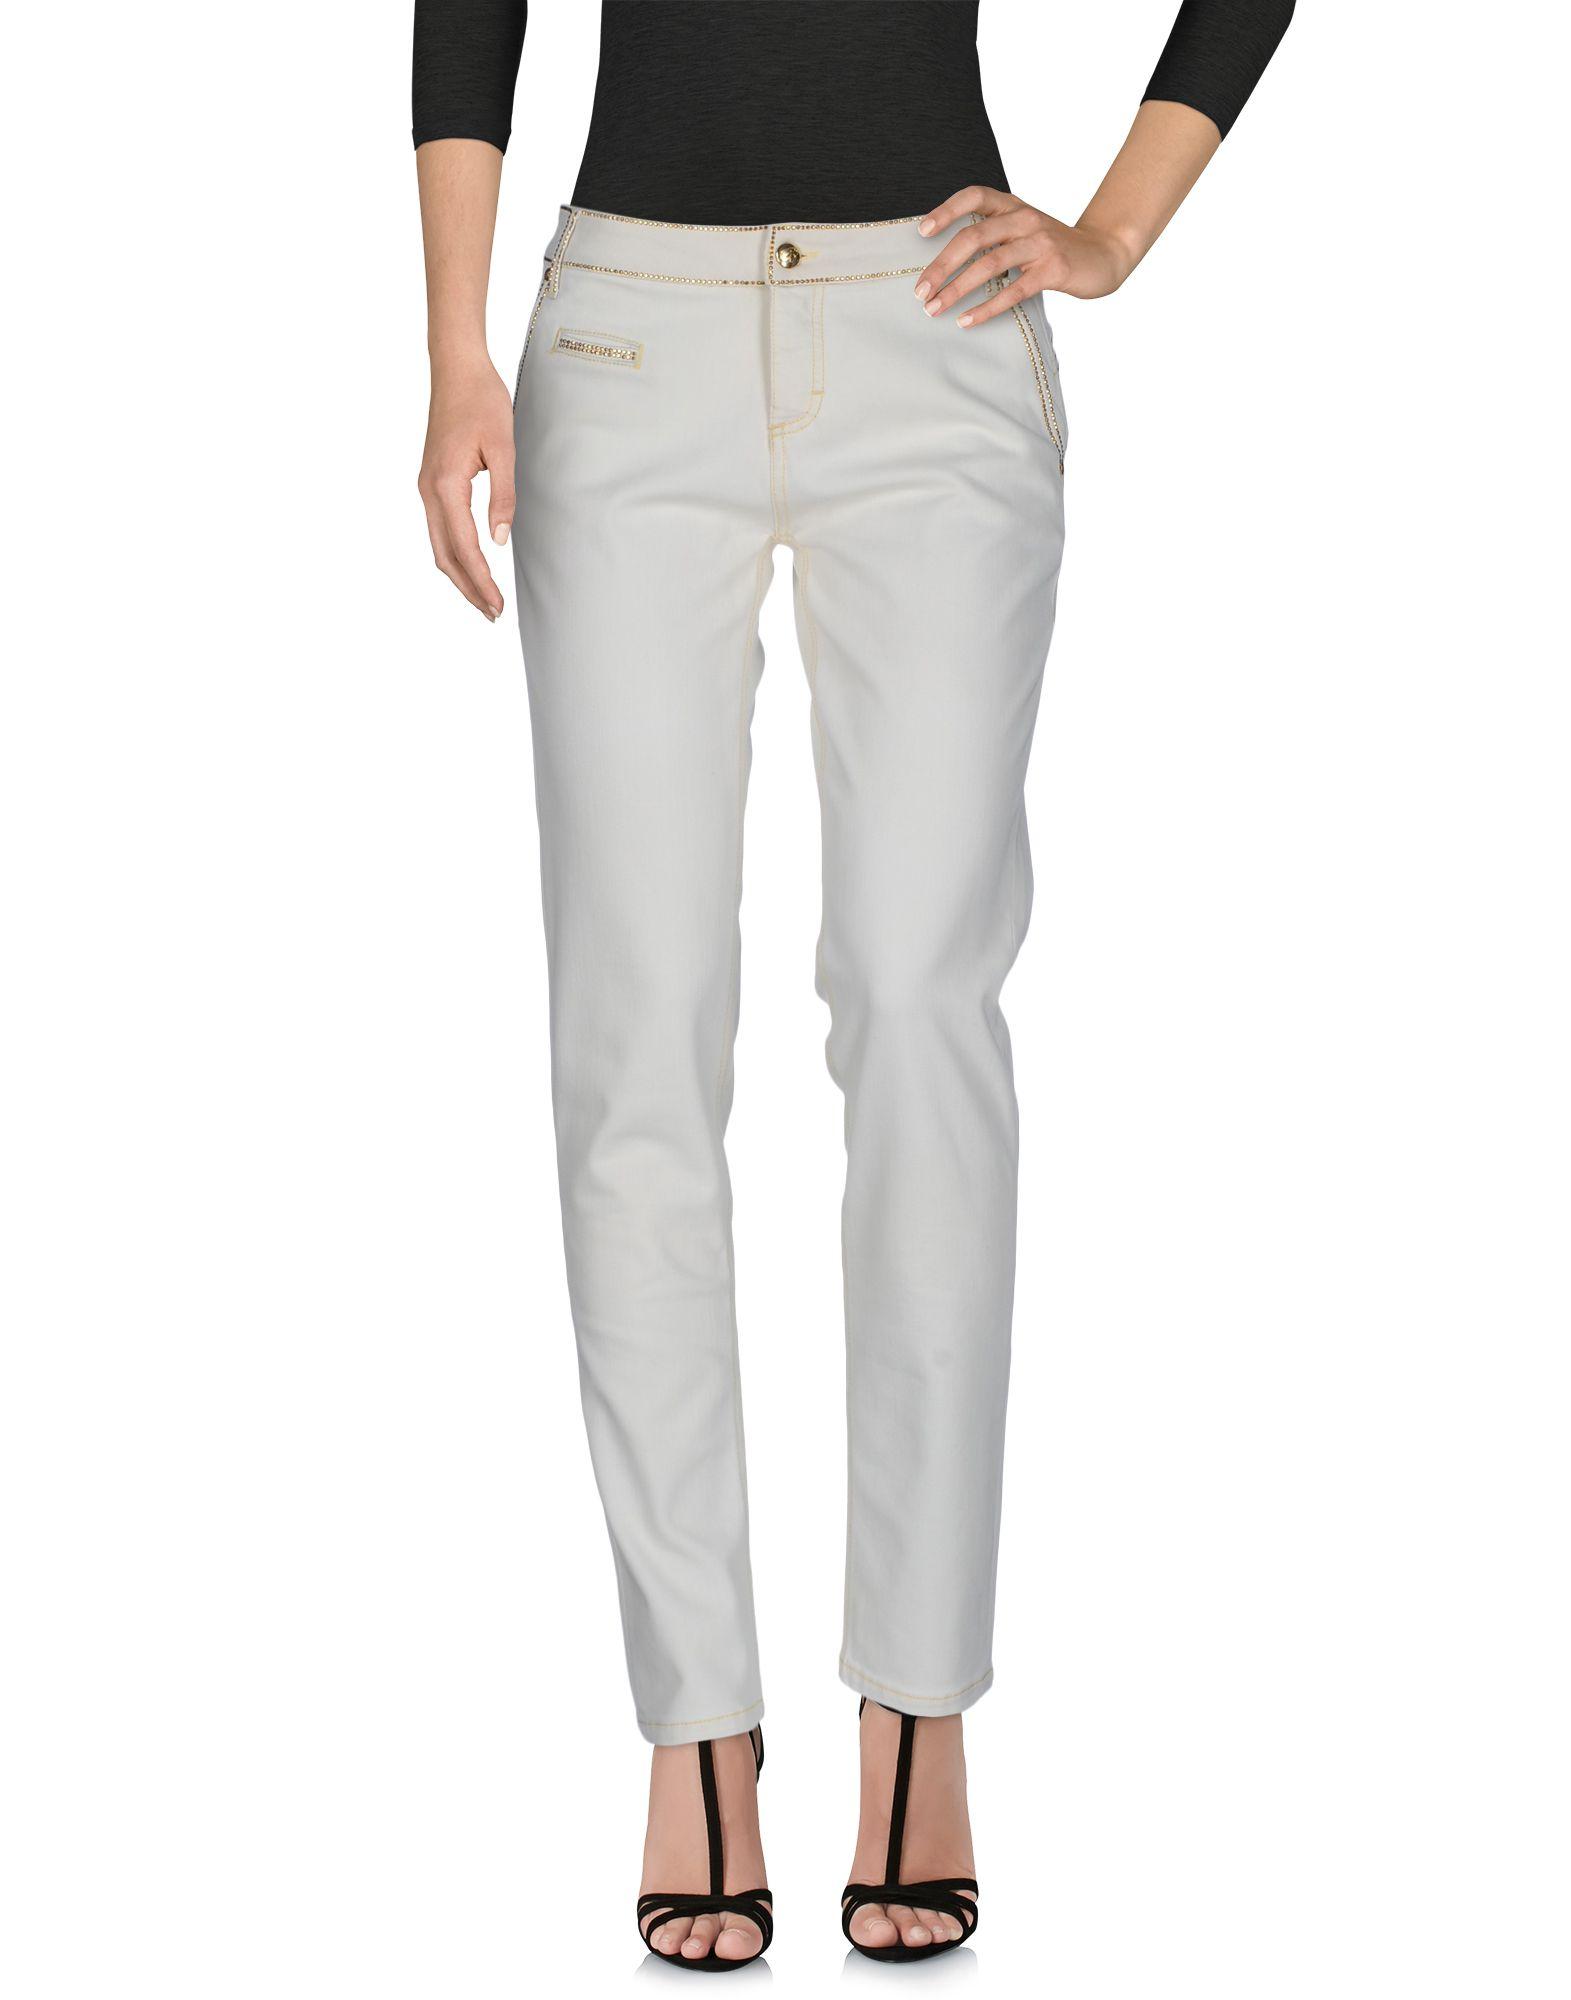 BLUMARINE Damen Jeanshose Farbe Elfenbein Größe 5